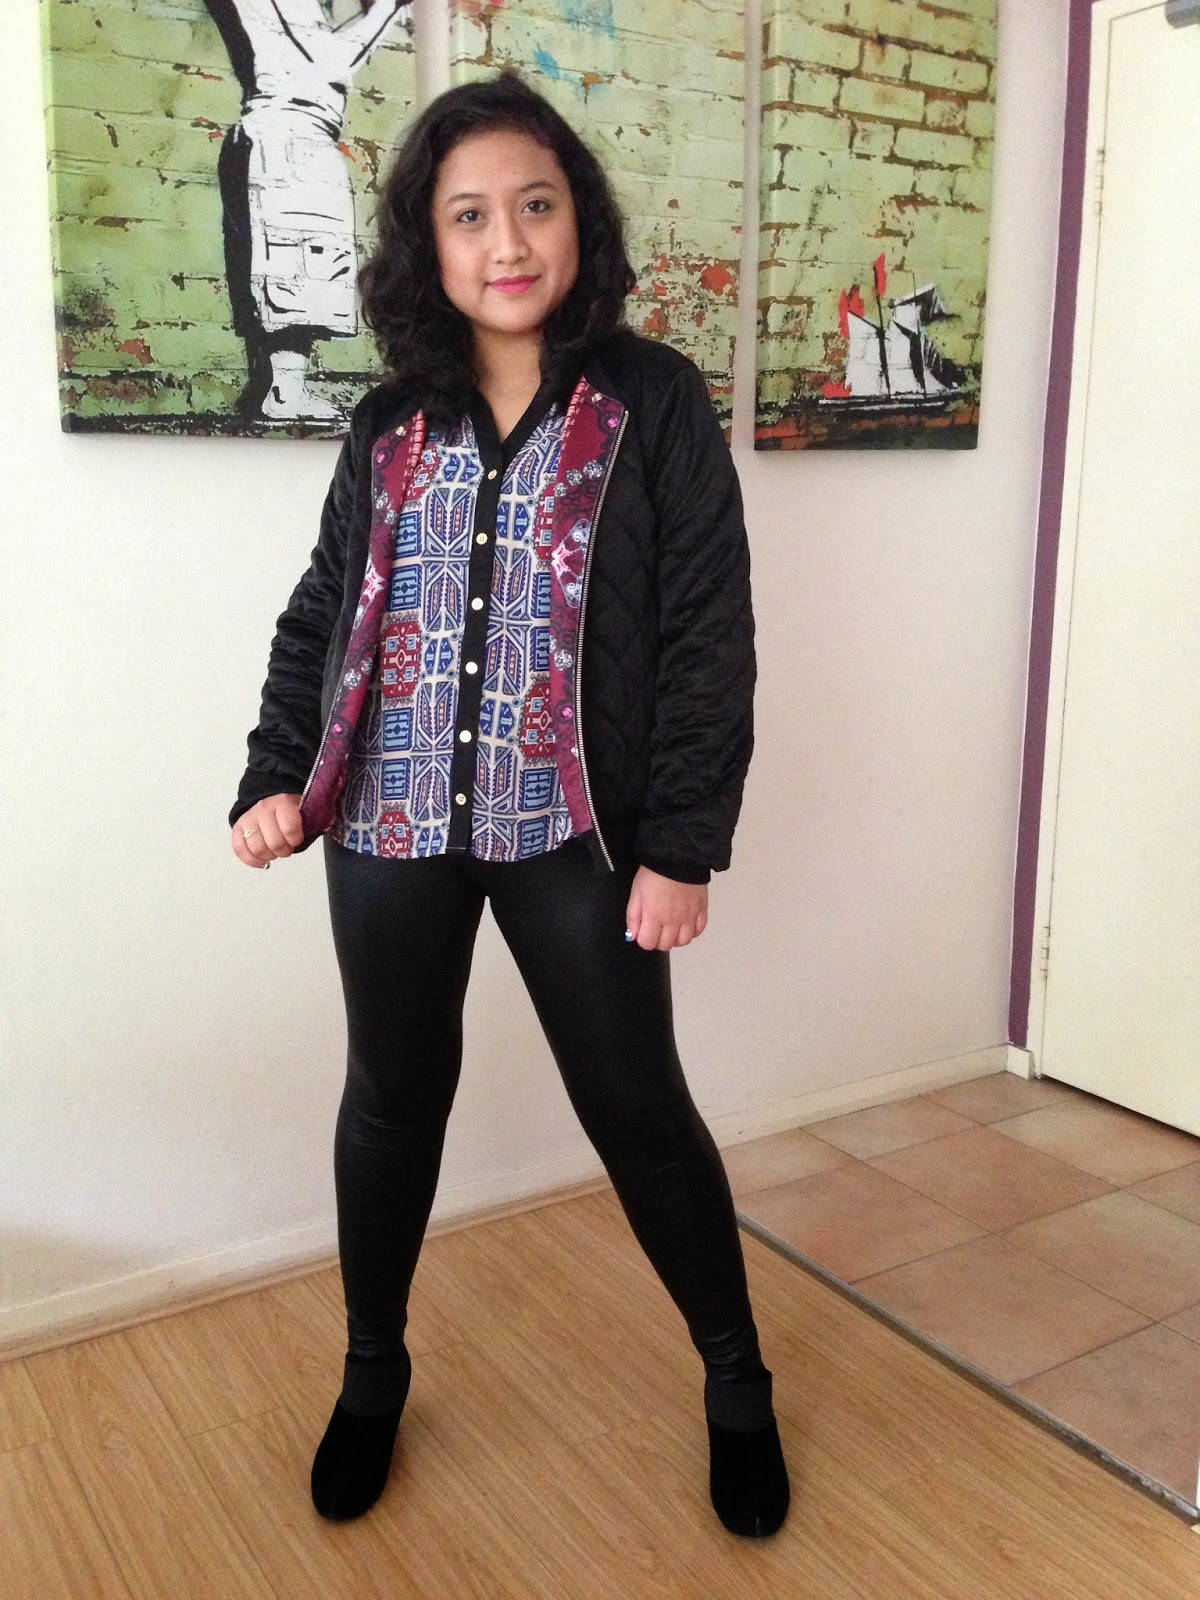 Reversible Sportsgirl bomber jacket, TEMT blouse, leather look leggings